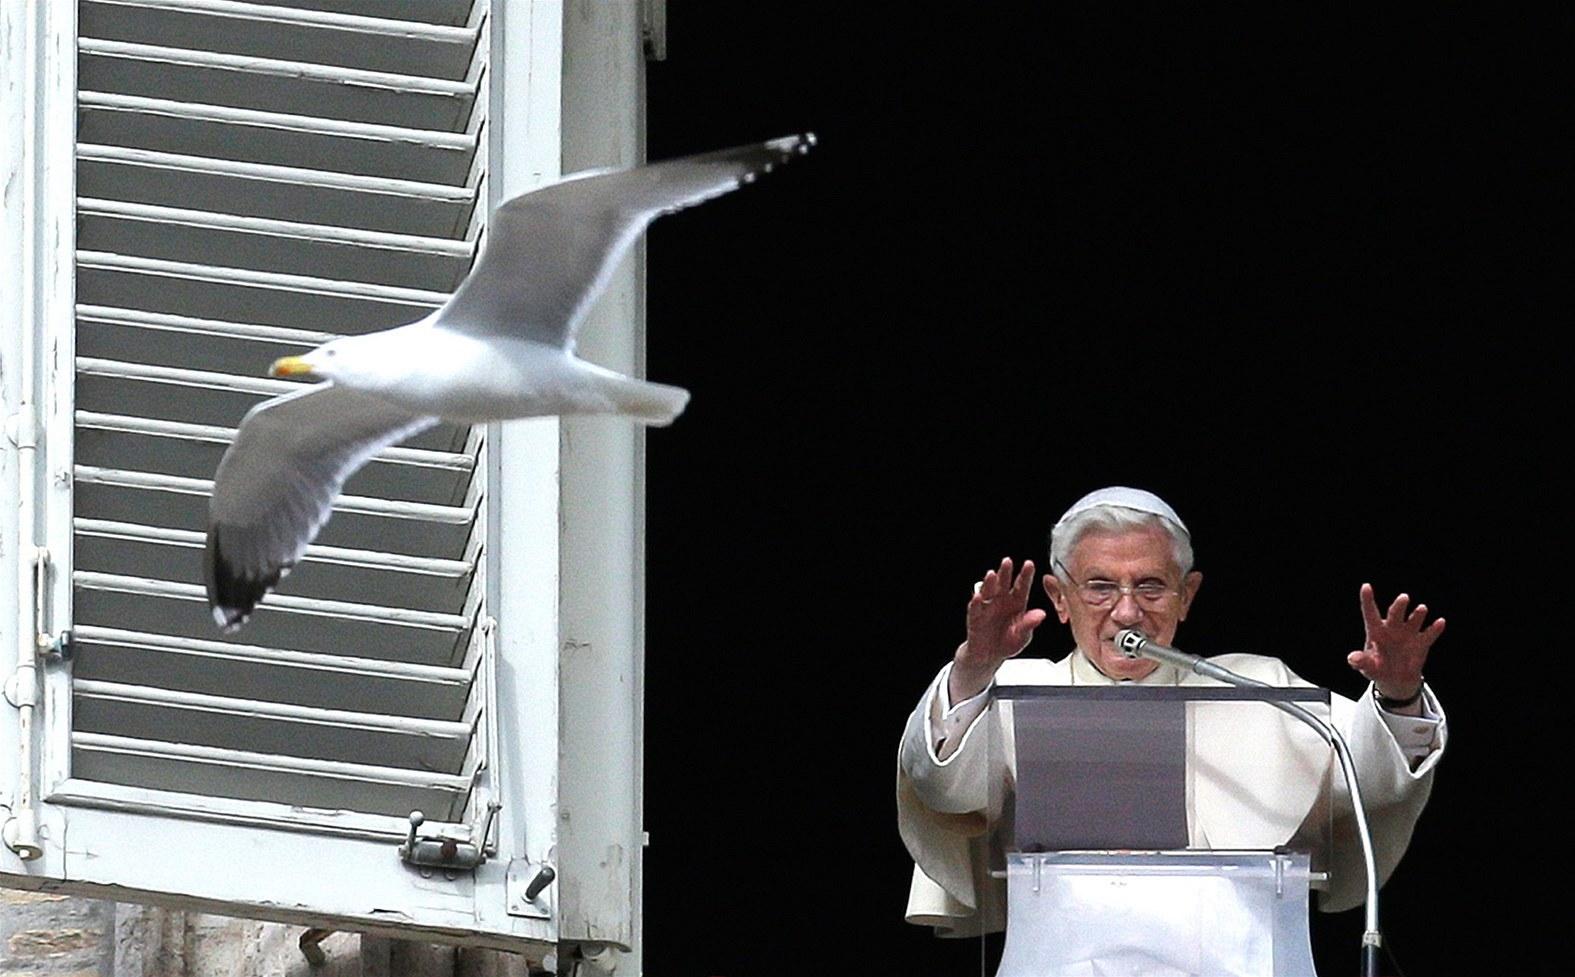 Papež Benedikt XVI. žehná věřícím při modlitbě z okna své pracovny na Náměstí svatého Petra ve Vatikánu. (3. února 2013)